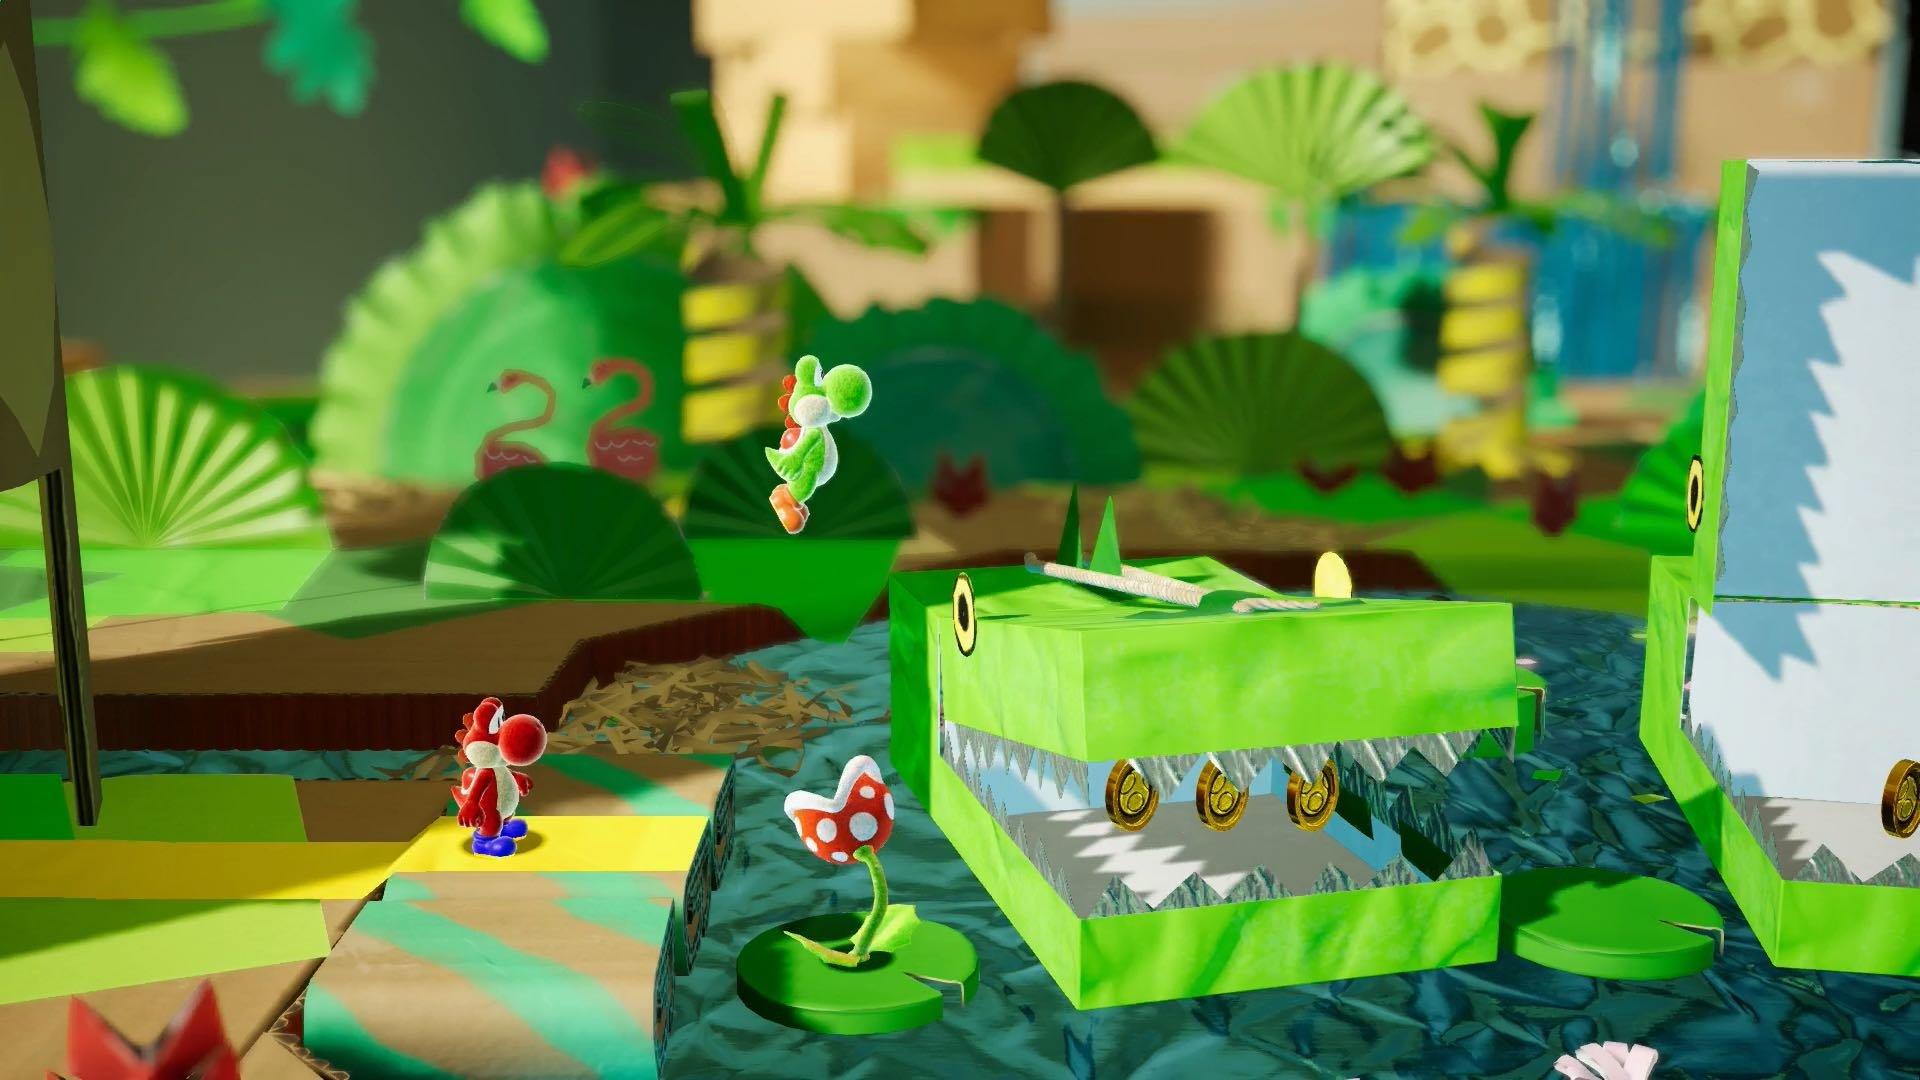 Amazon Italia pubblica la data di uscita di Yoshi per Nintendo Switch